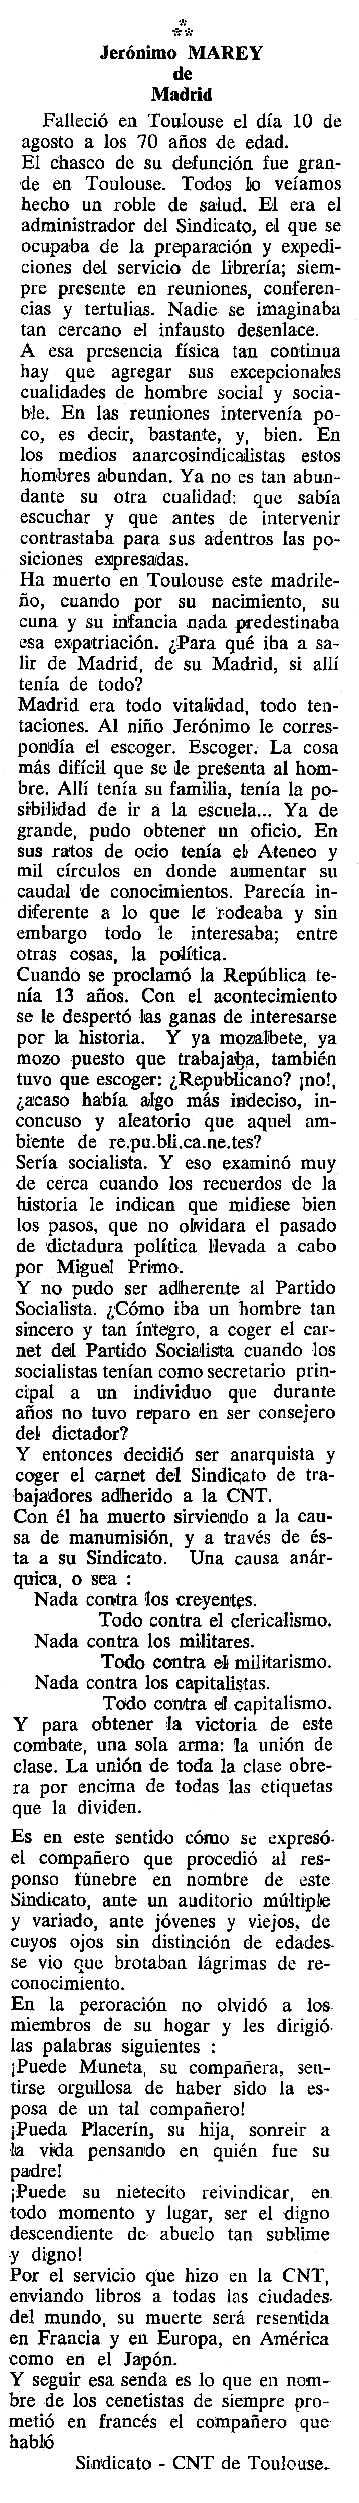 """Necrològica de Jerónimo Marey apareguda en el periòdic tolosà """"Cenit"""" del 15 de novembre de 1988"""